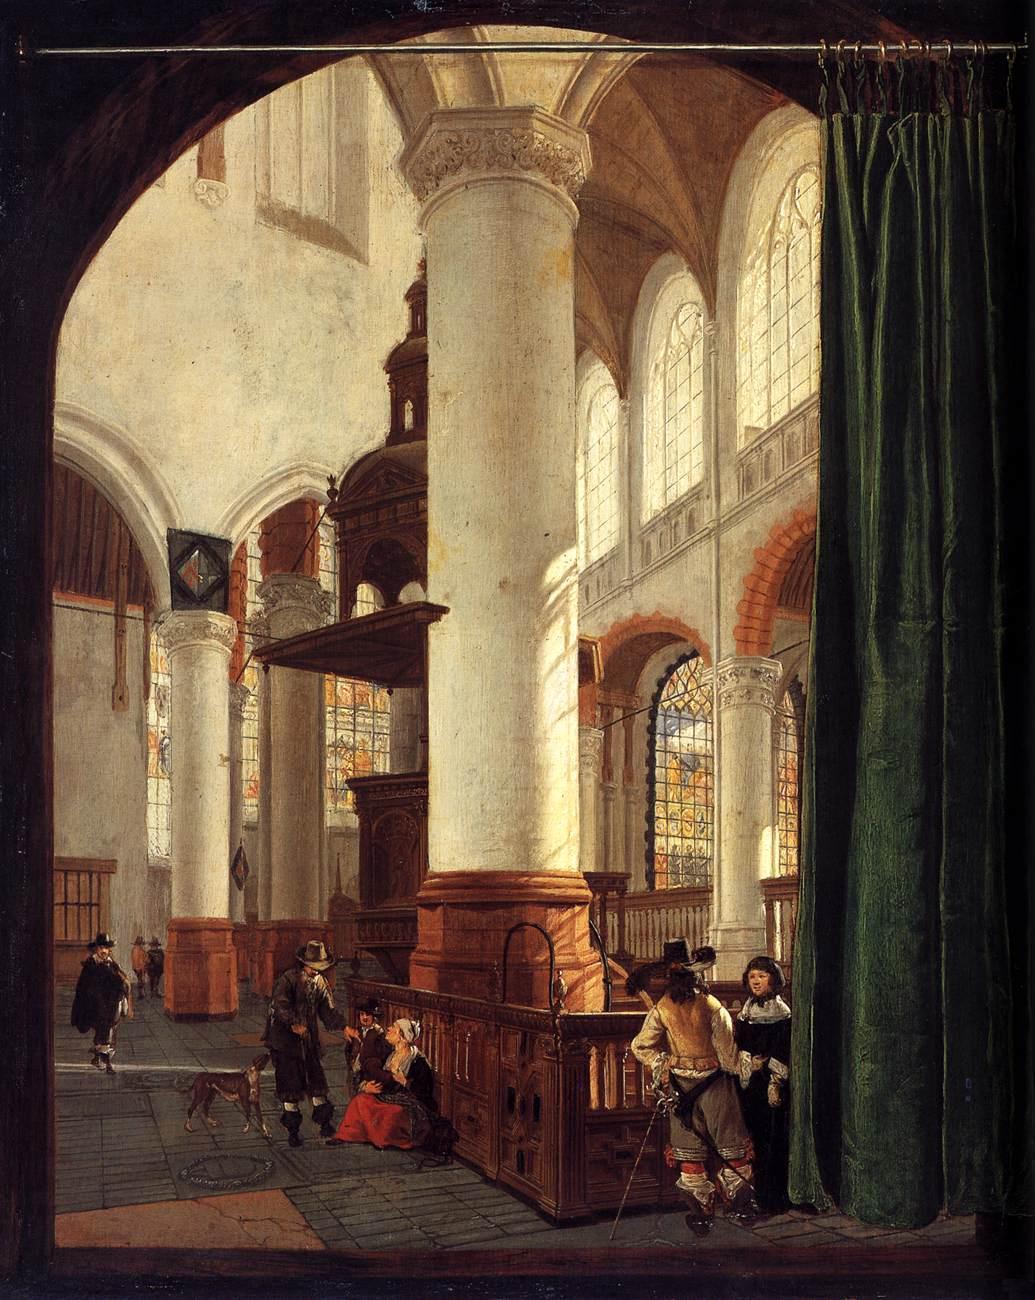 Gerard Houckgeest, Interieur van de Oude Kerk te Delft met de kansel uit 1548, 1651, olieverf op paneel, 49x41cm, Rijksmuseum Amsterdam (afbeelding Web Gallery of Art).